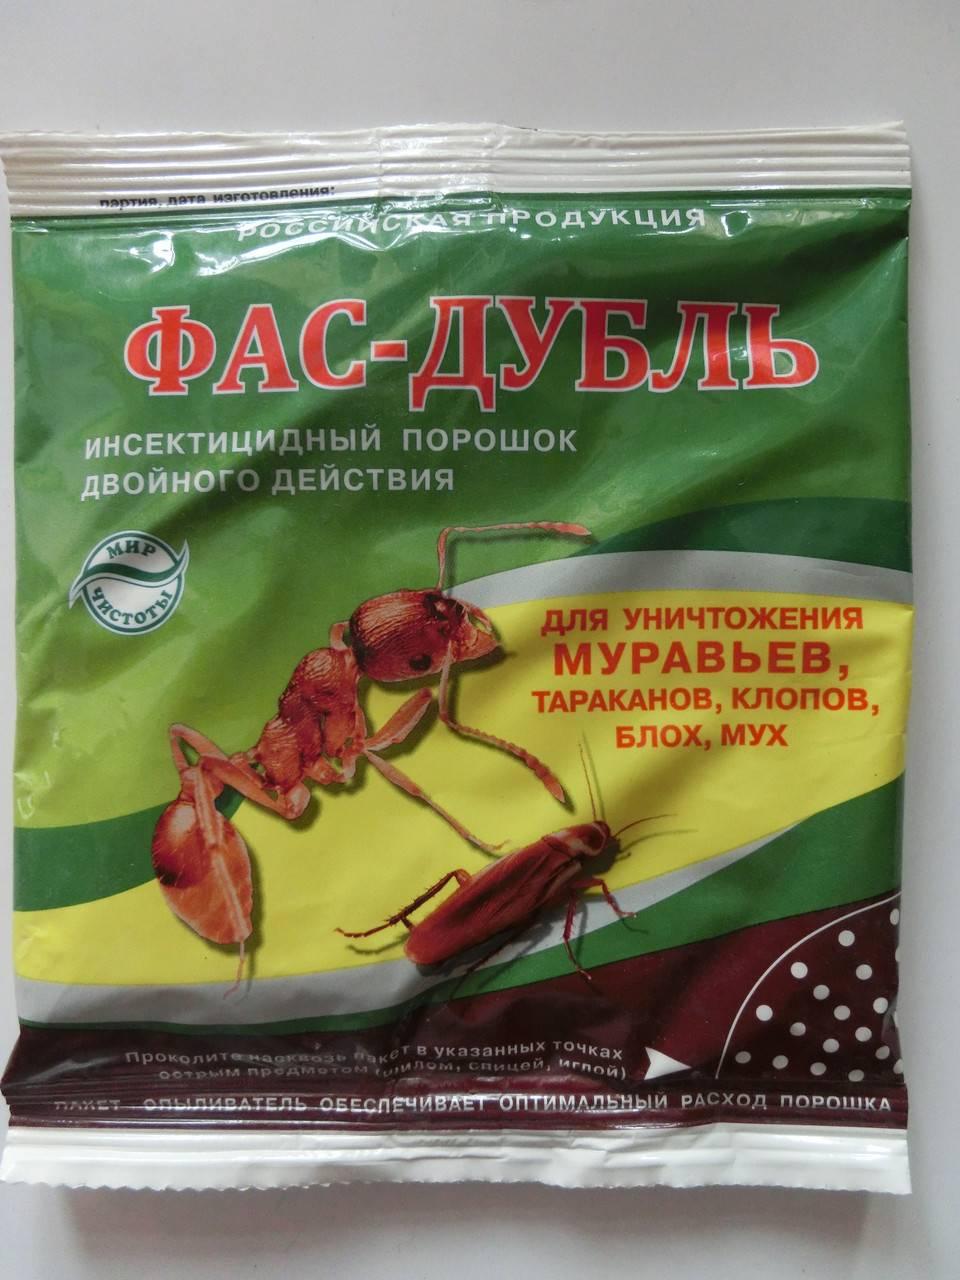 Борная кислота от тараканов: рецепты эффективных отрав, как травить, инструкция по применению